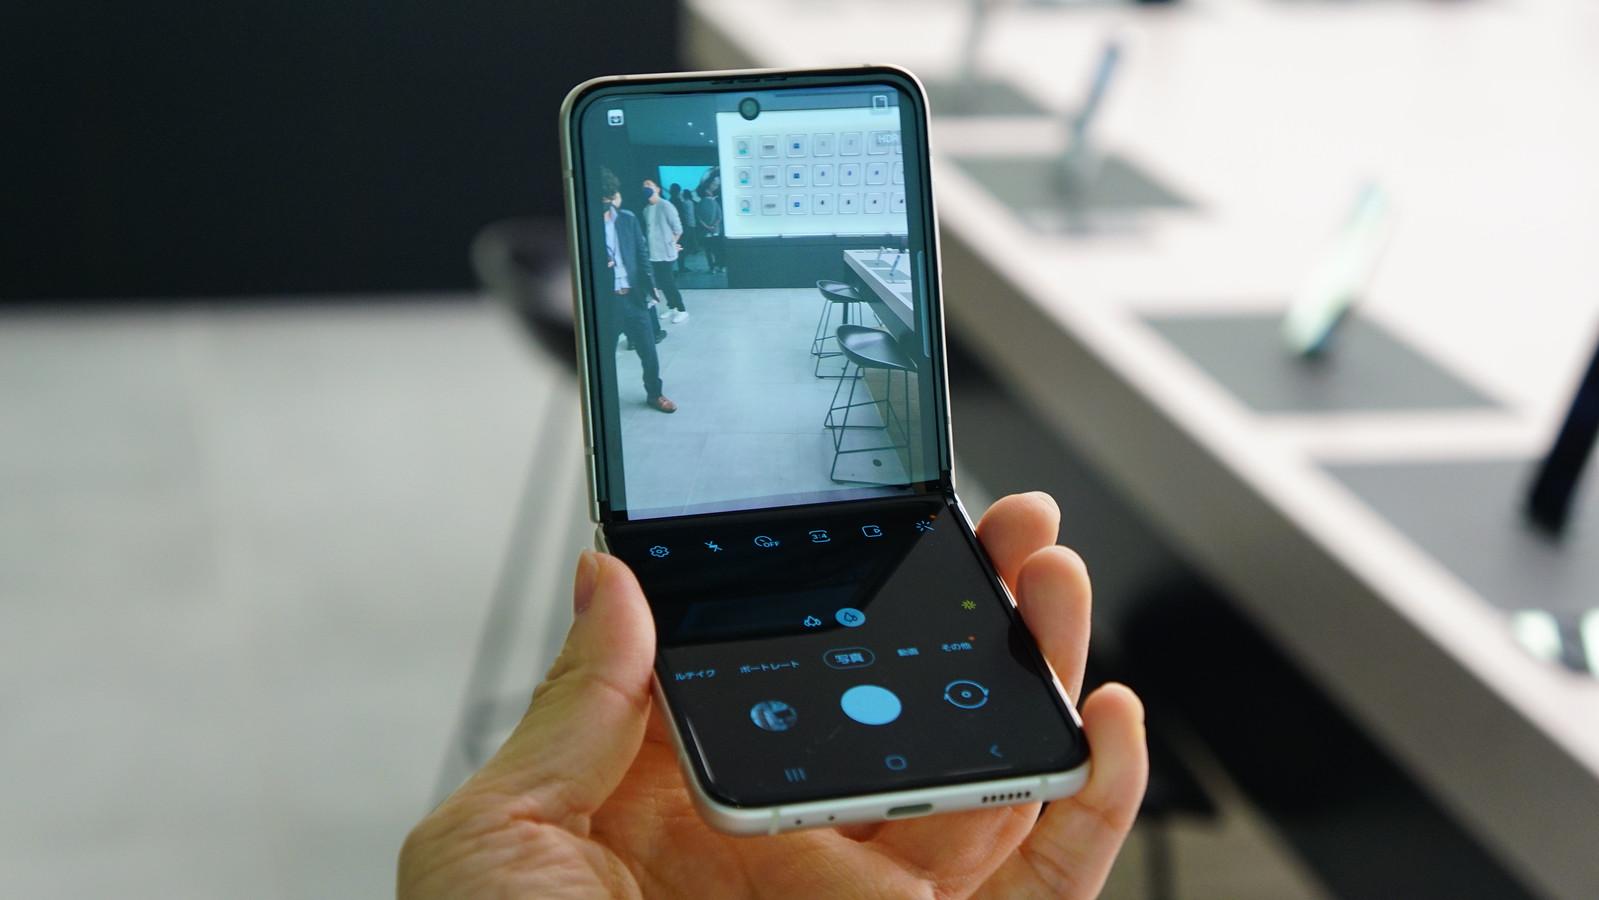 フレックスモードのカメラアプリ